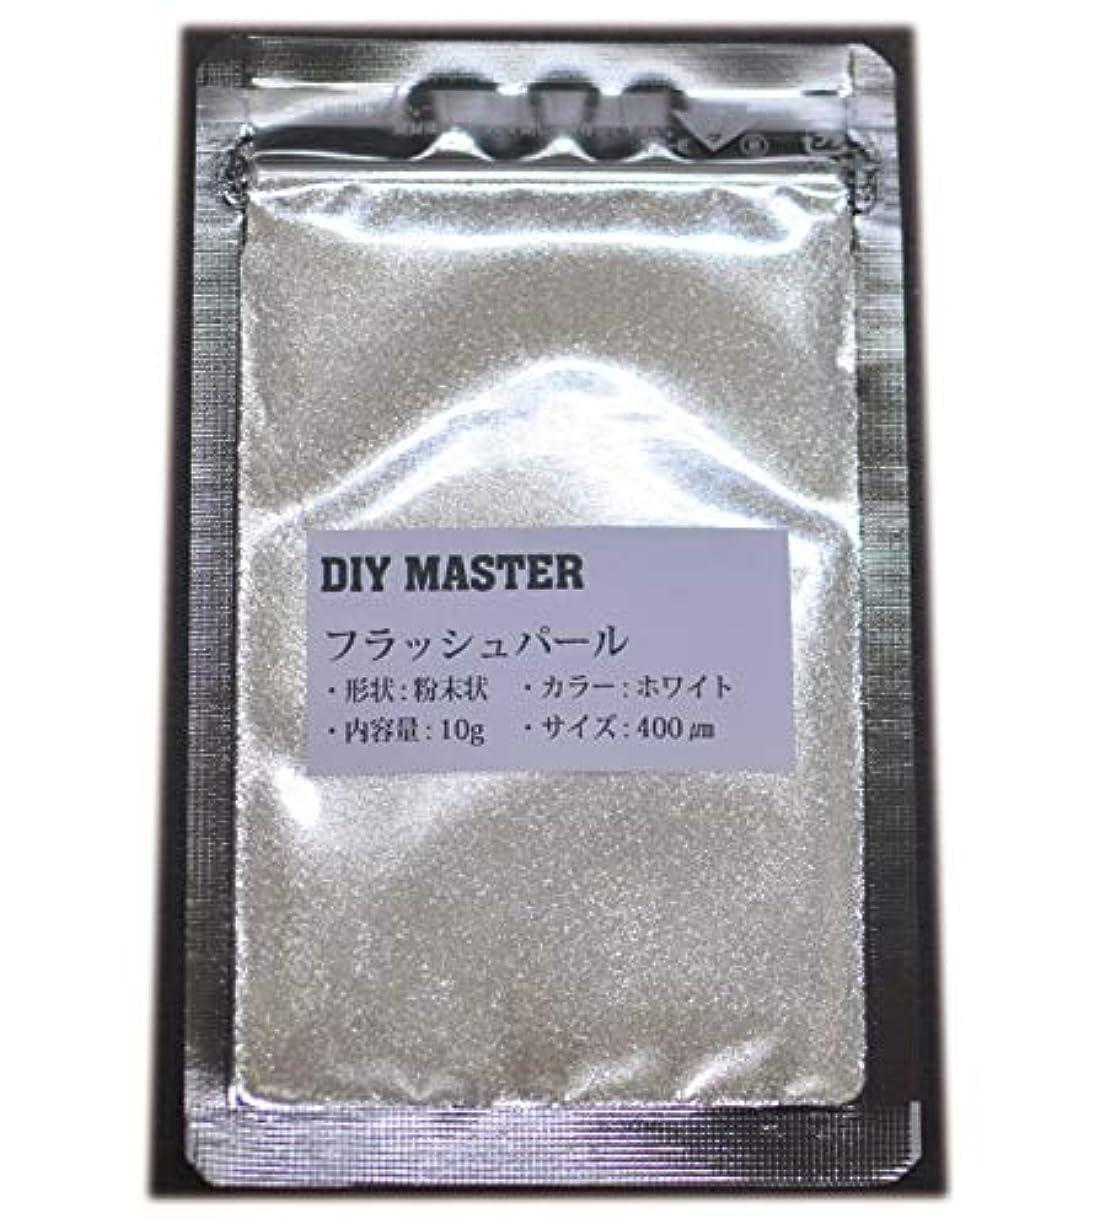 化石平行窒素DIY MASTER フラッシュパール ホワイト 10g (極粗目、ドライ)